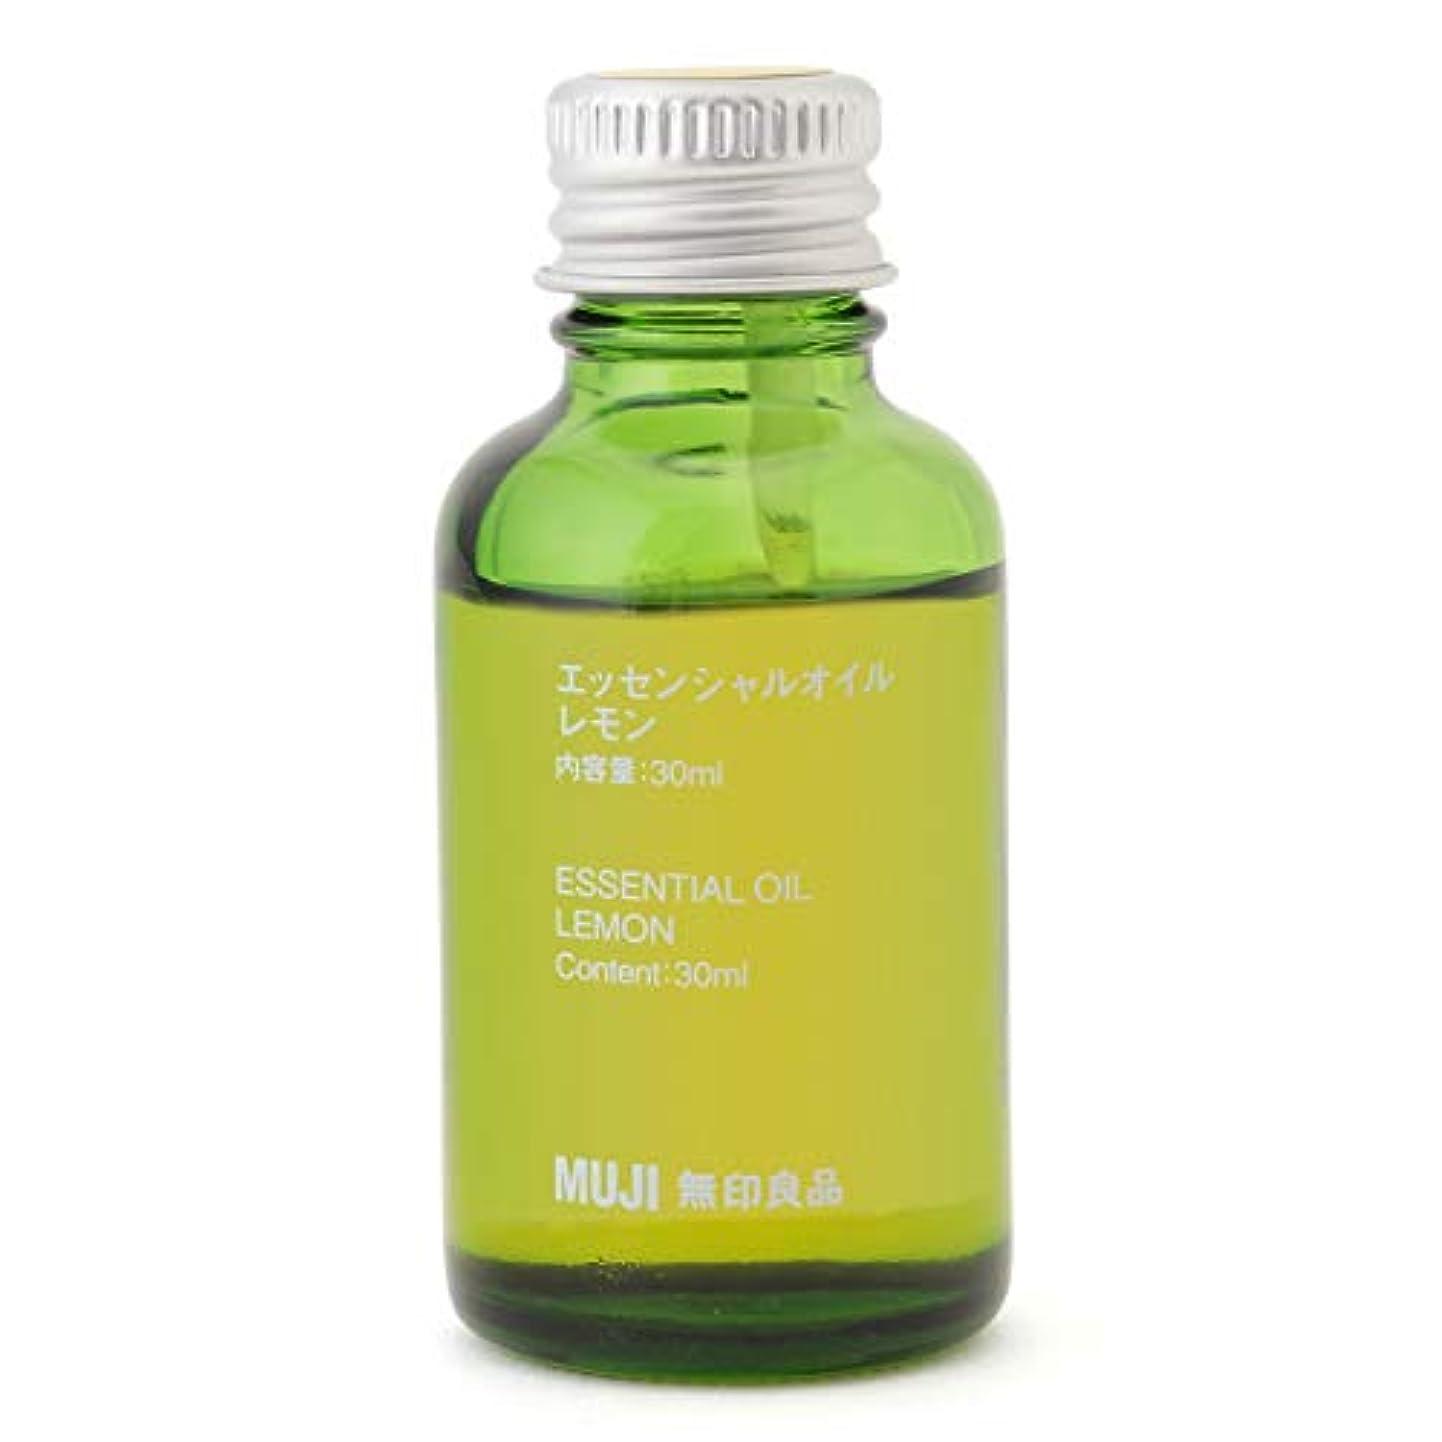 爵増加する変わる【無印良品】エッセンシャルオイル30ml(レモン)